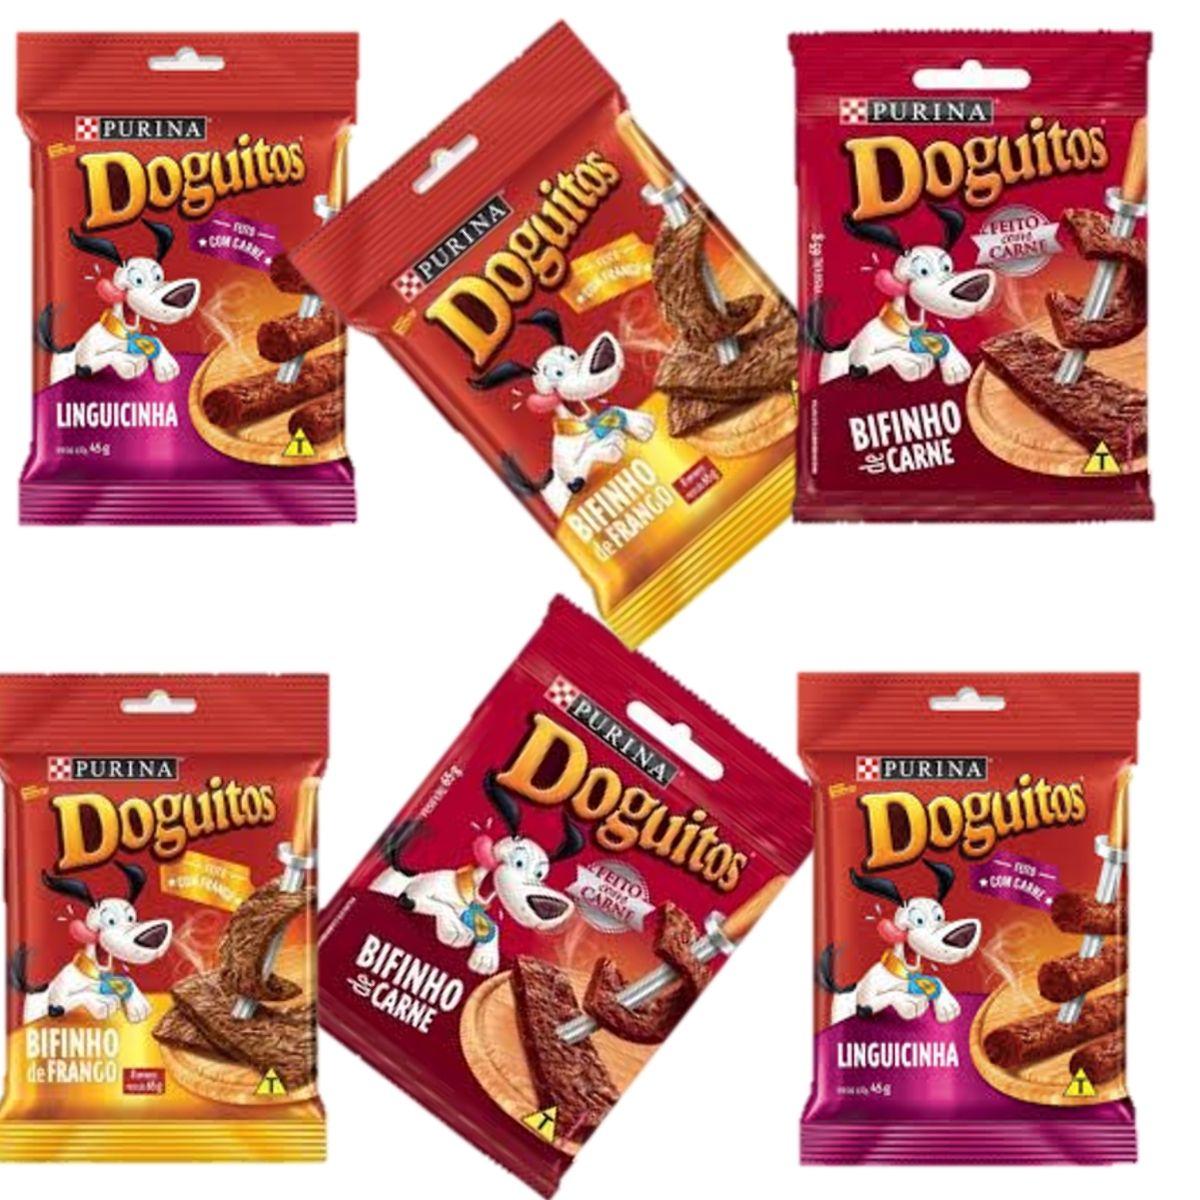 Petisco  Doguitos Bifinho De Carne, frango e linguicinha Para Cães  combo com 6 unidades